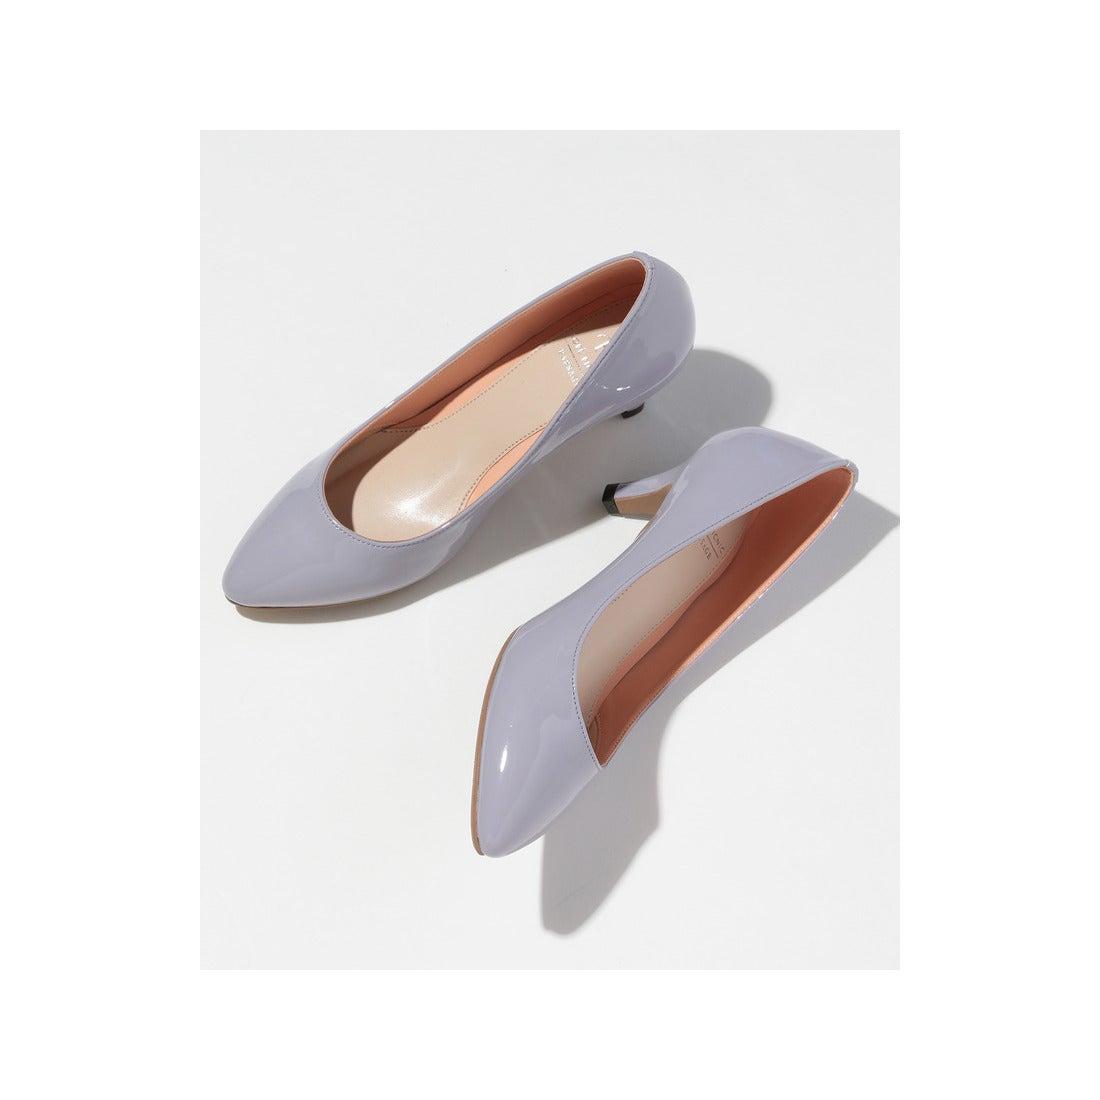 ロコンド 靴とファッションの通販サイトROPE PICNIC PASSAGE 【新色追加!】【WEB限定カラー】カラーコンビプレーンパンプス(ラベンダー(52))【返品不可商品】